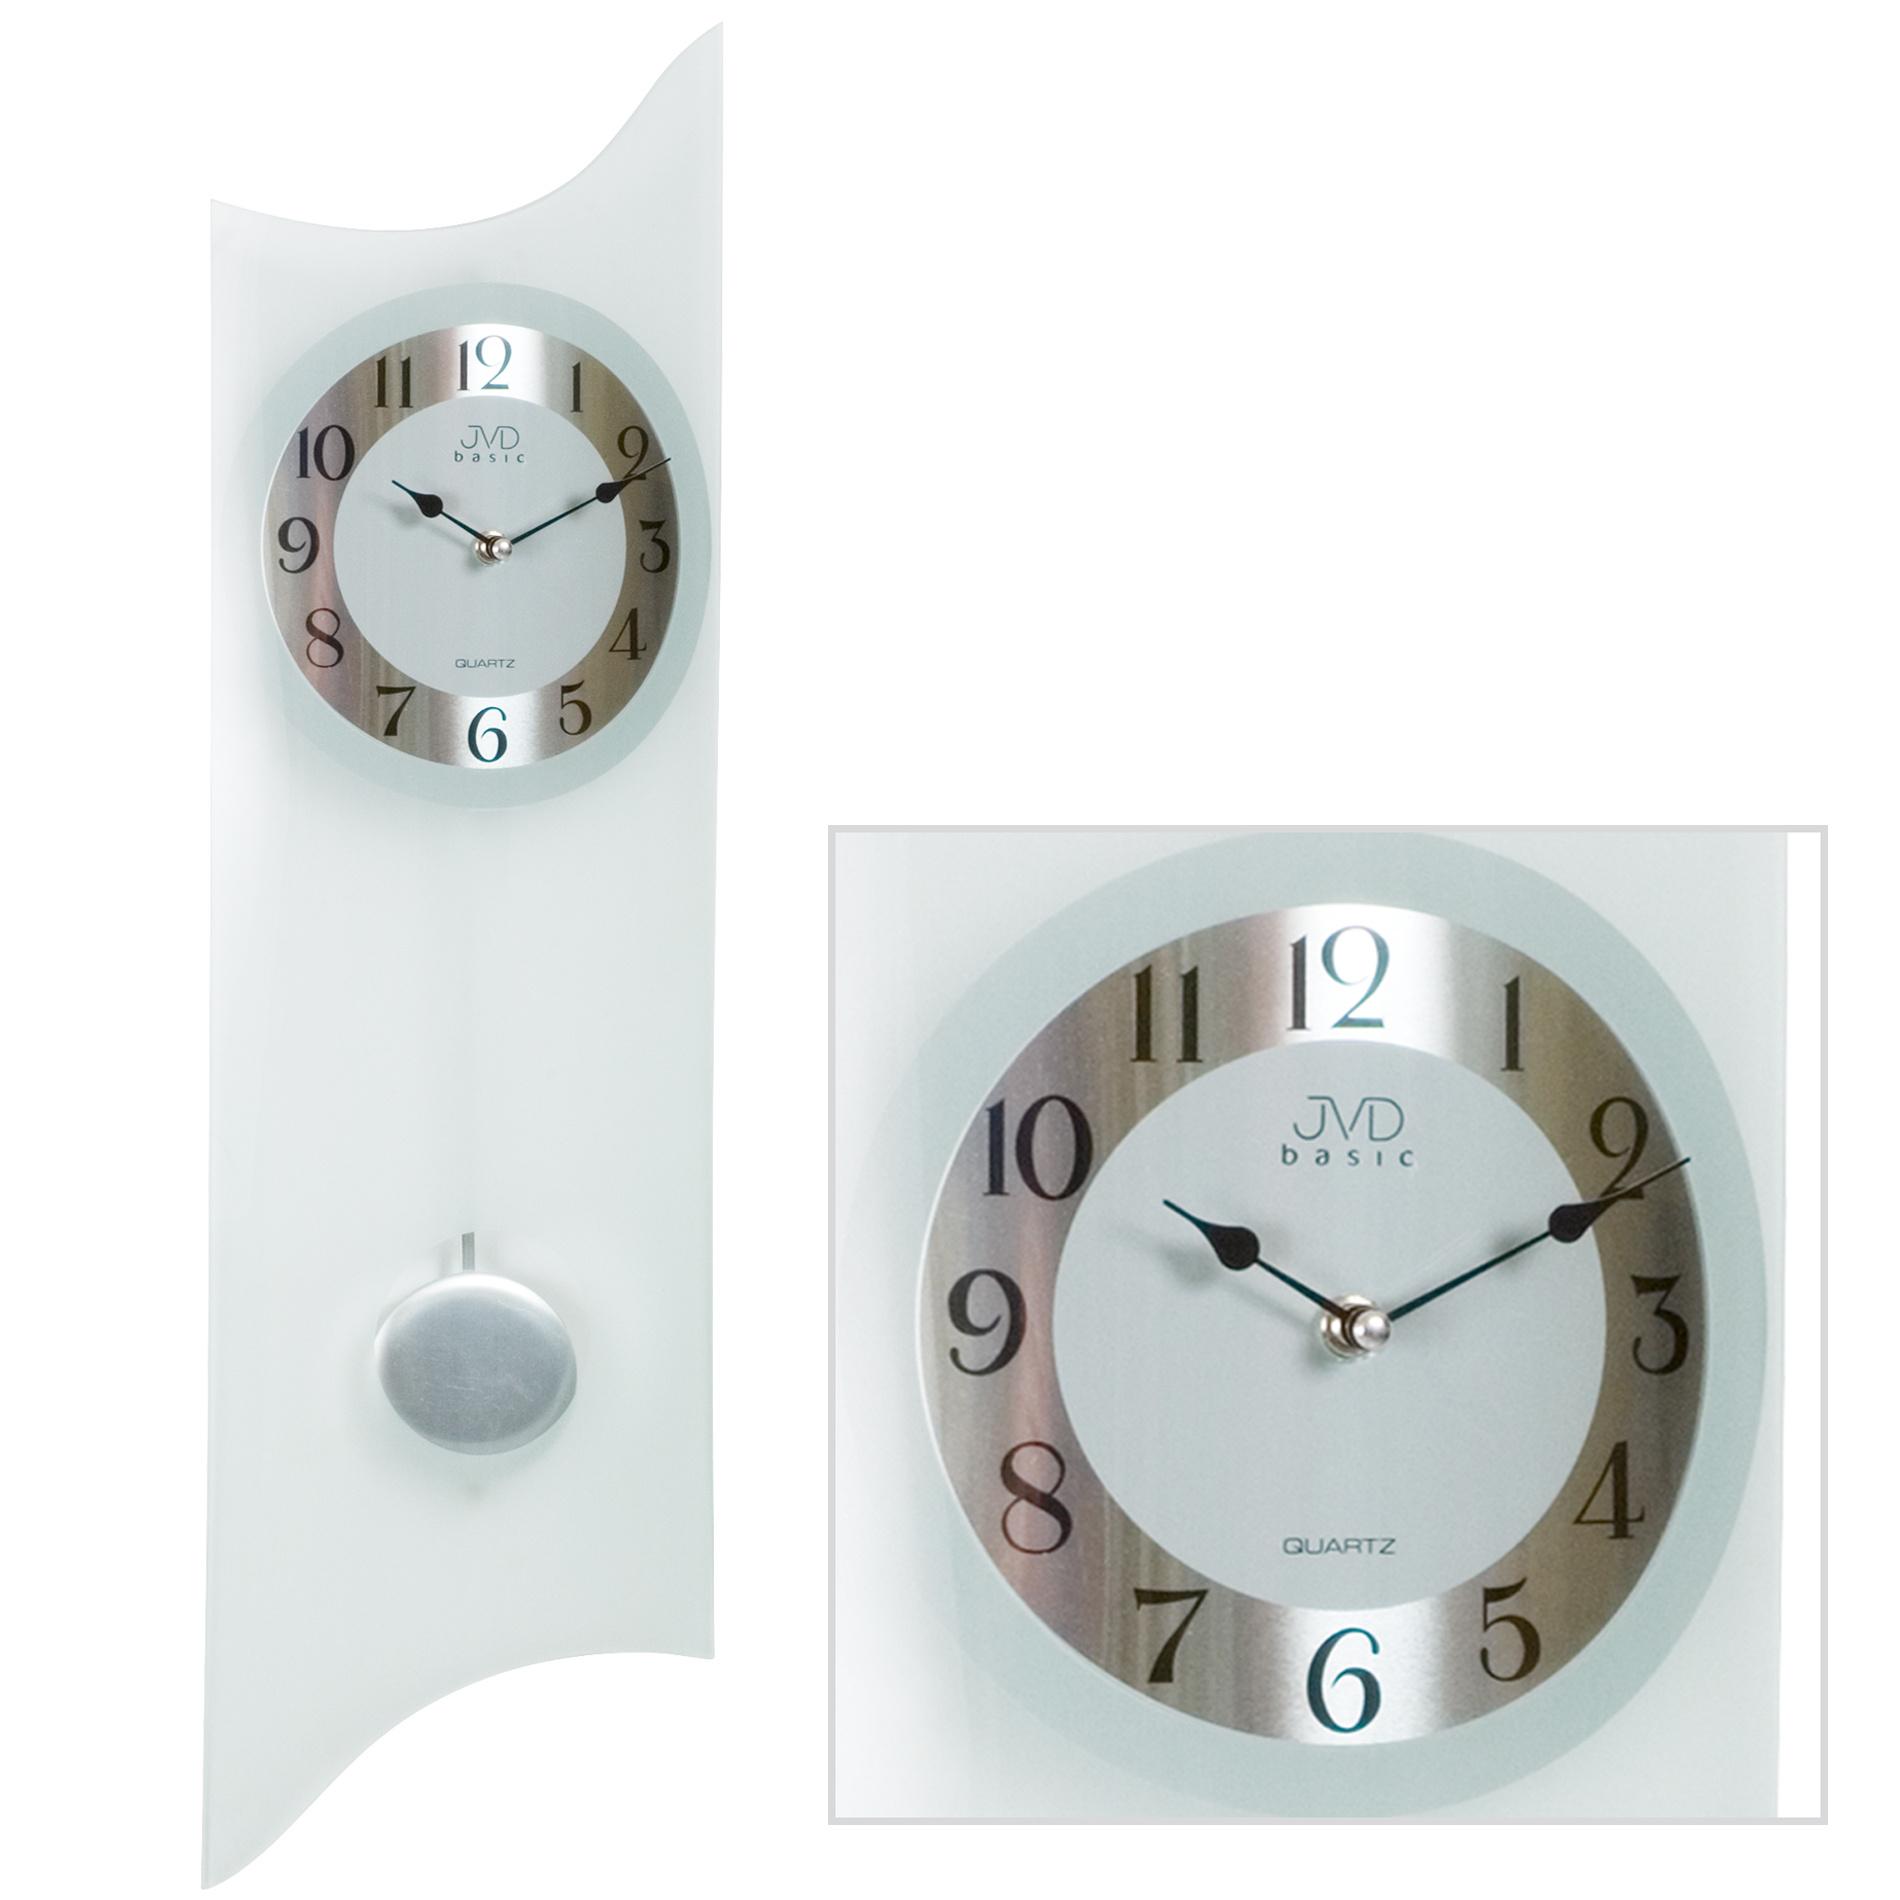 jvd n23873 wanduhr quarz mit pendel pendeluhr analog. Black Bedroom Furniture Sets. Home Design Ideas